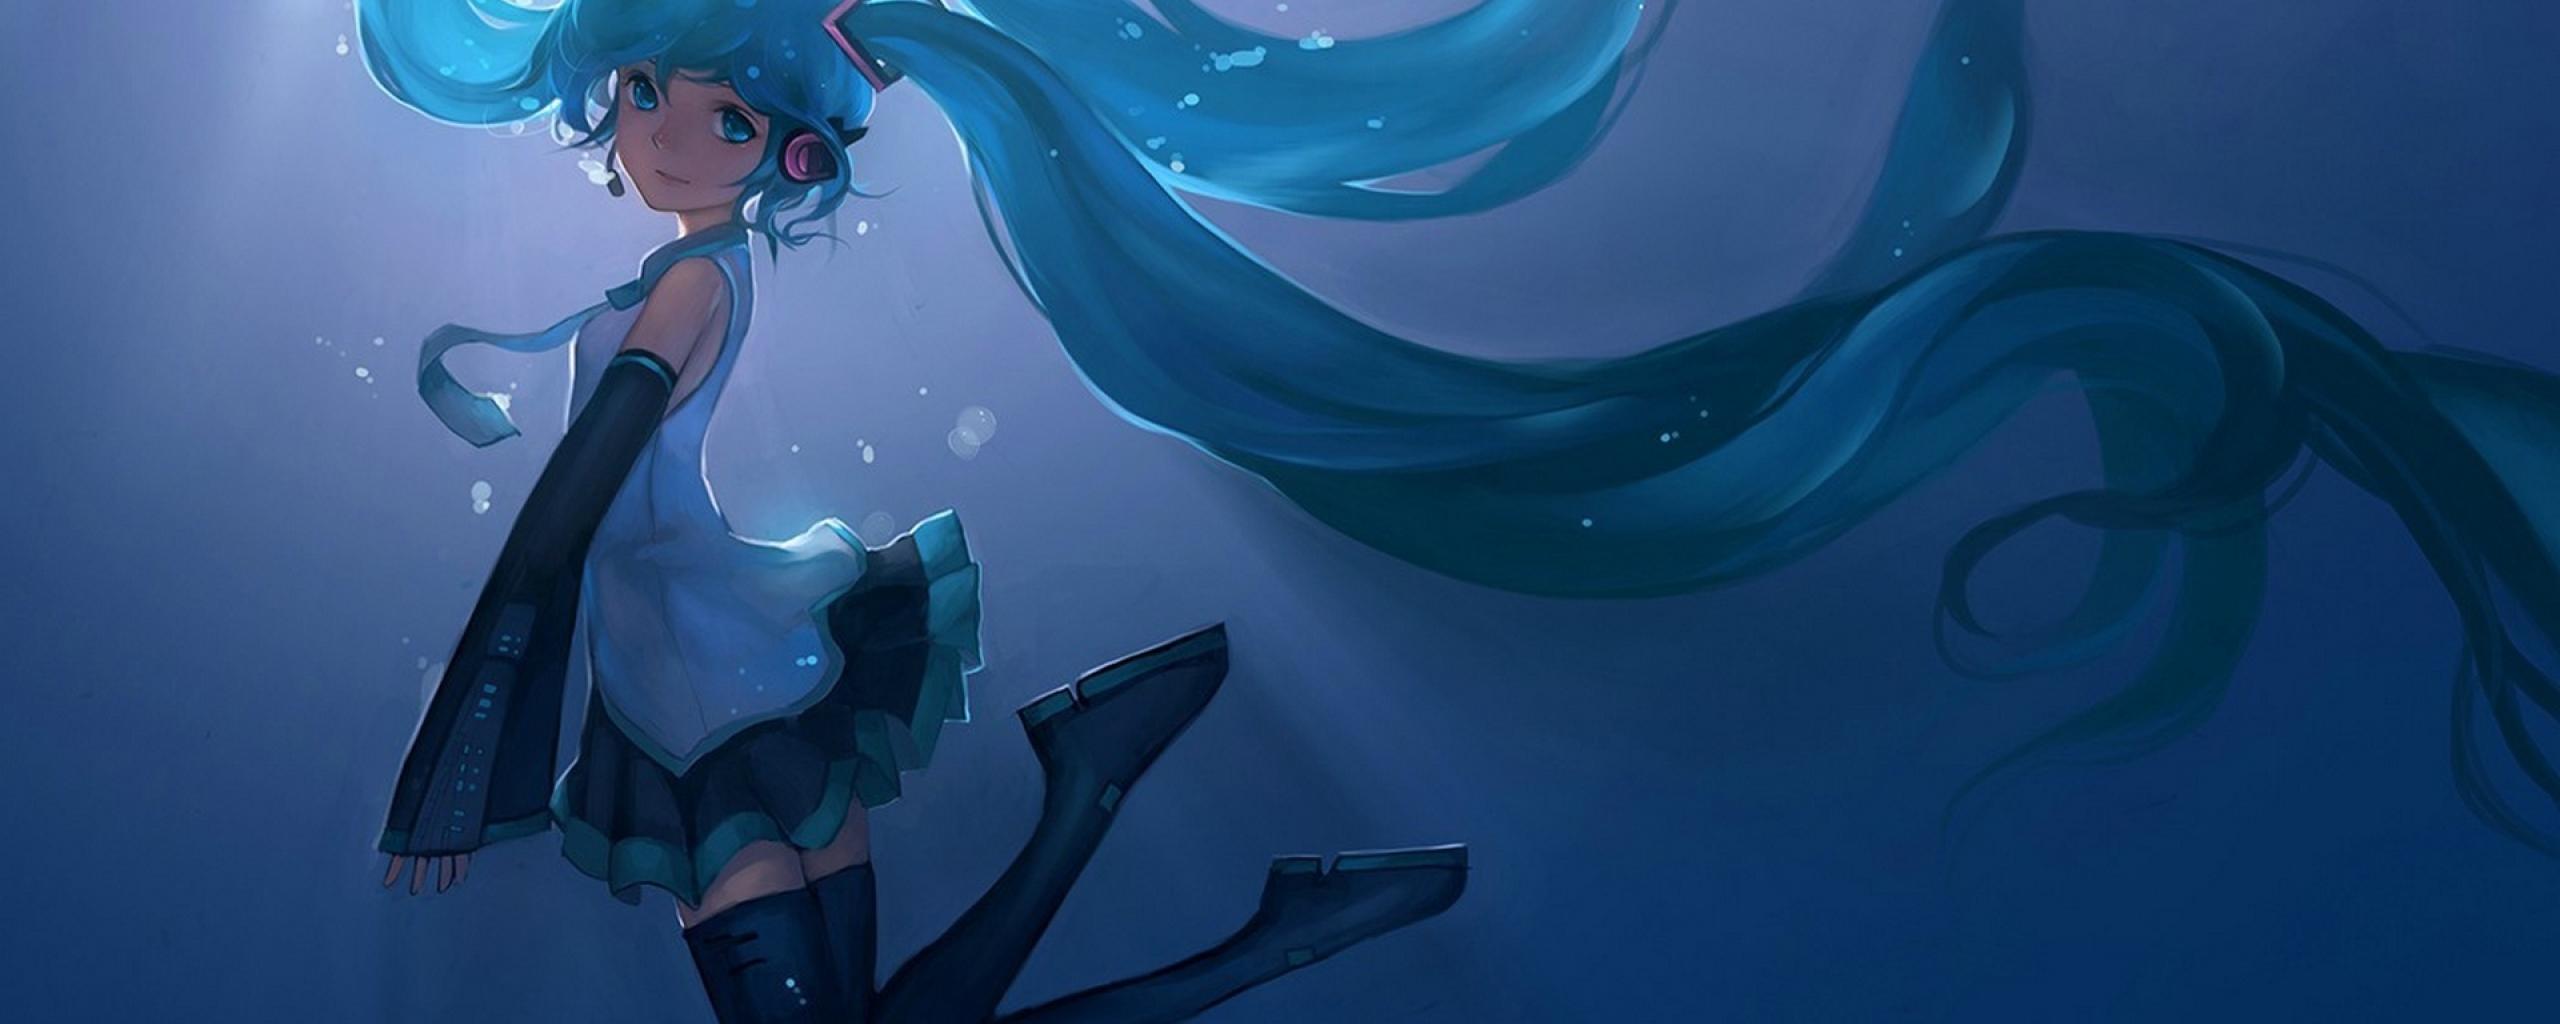 Hatsune Miku, Vocaloid, Girl, Full HD Wallpaper